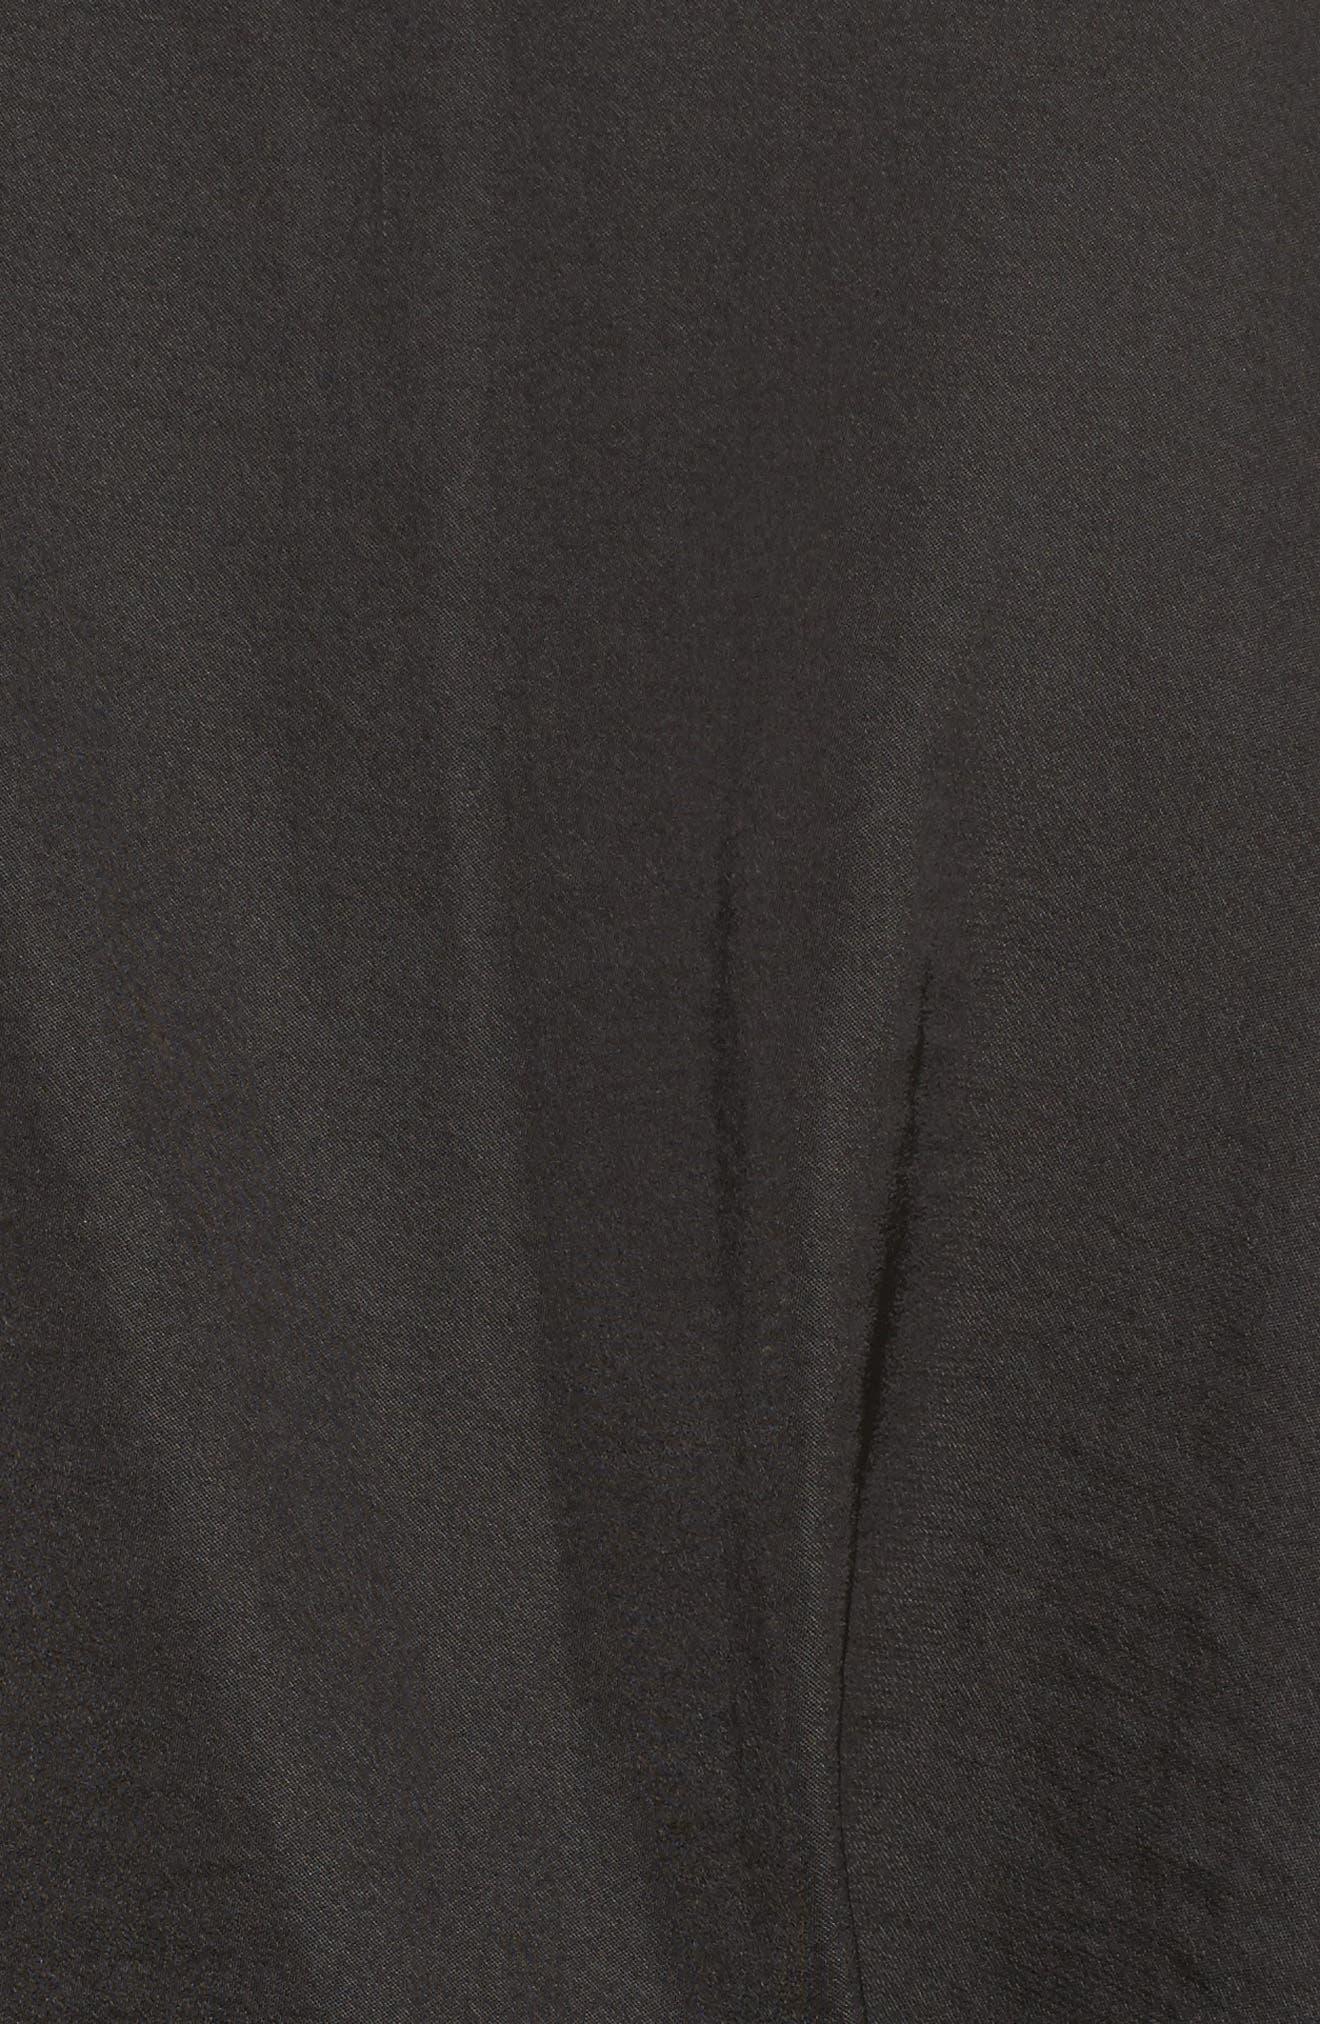 Colette Wrap,                             Alternate thumbnail 6, color,                             Black